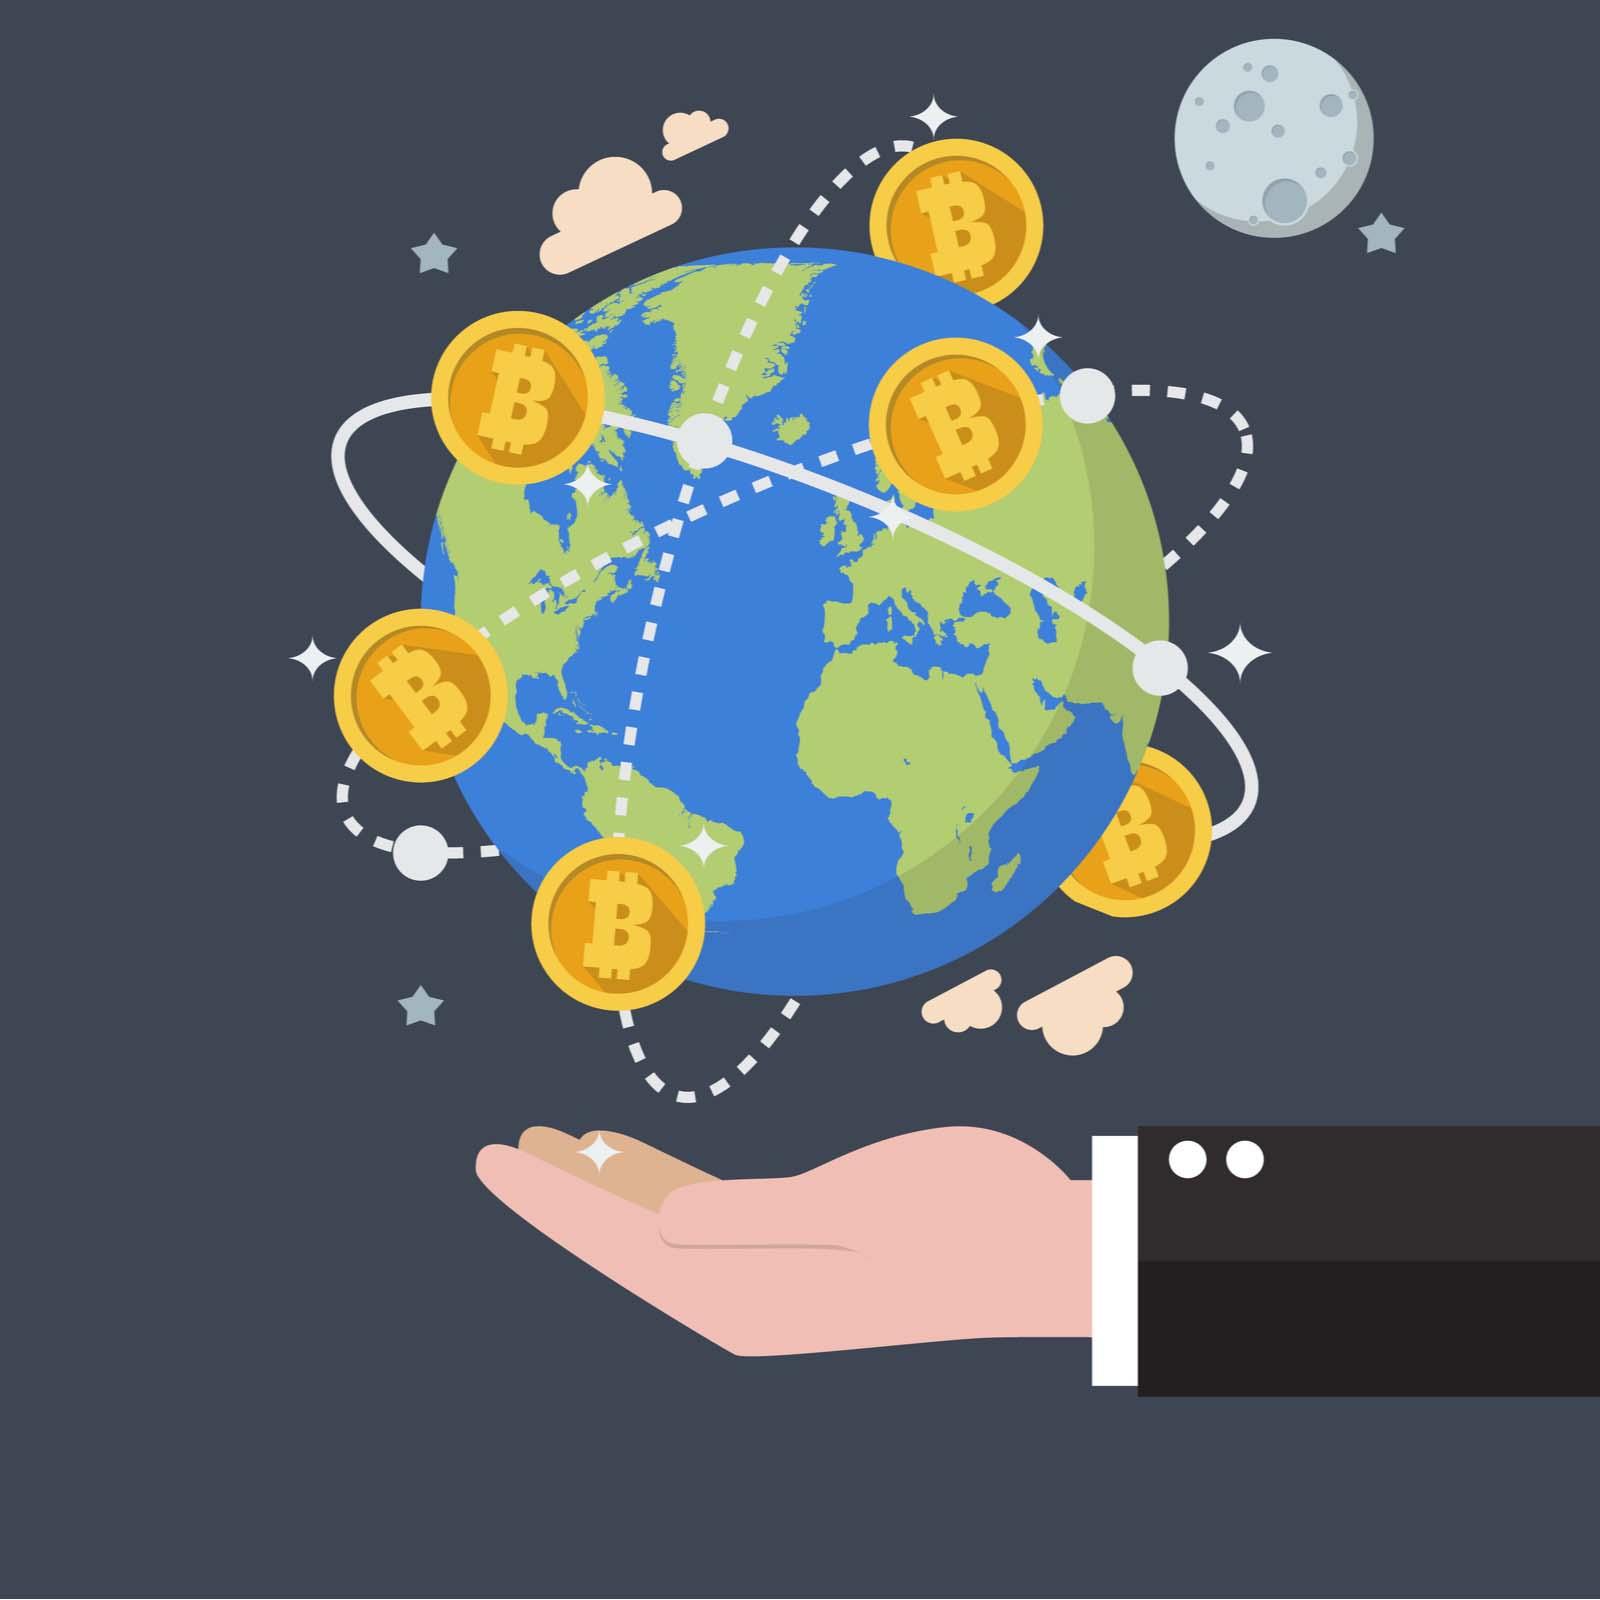 نظرات مثبت رئیس بانک مرکزی روسیه درباره آینده ارزهای دیجیتال